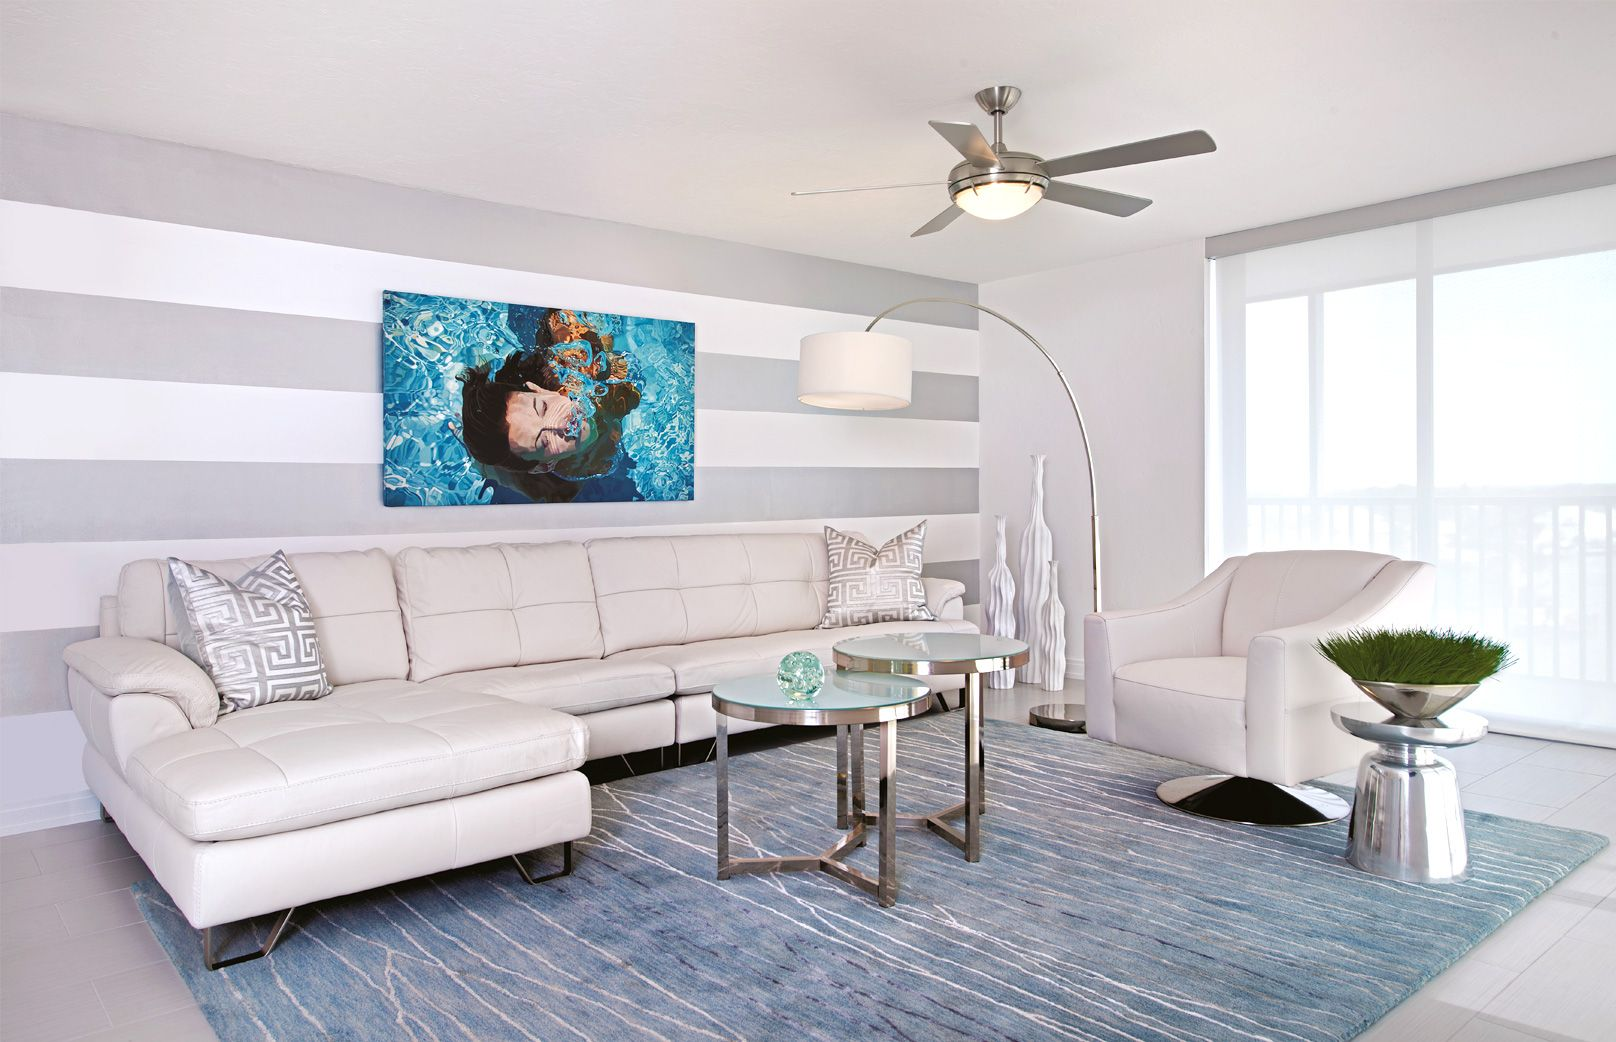 Fendi Residence  Rglobe  Miami Architecture And Villas Magnificent Living Room Miami Inspiration